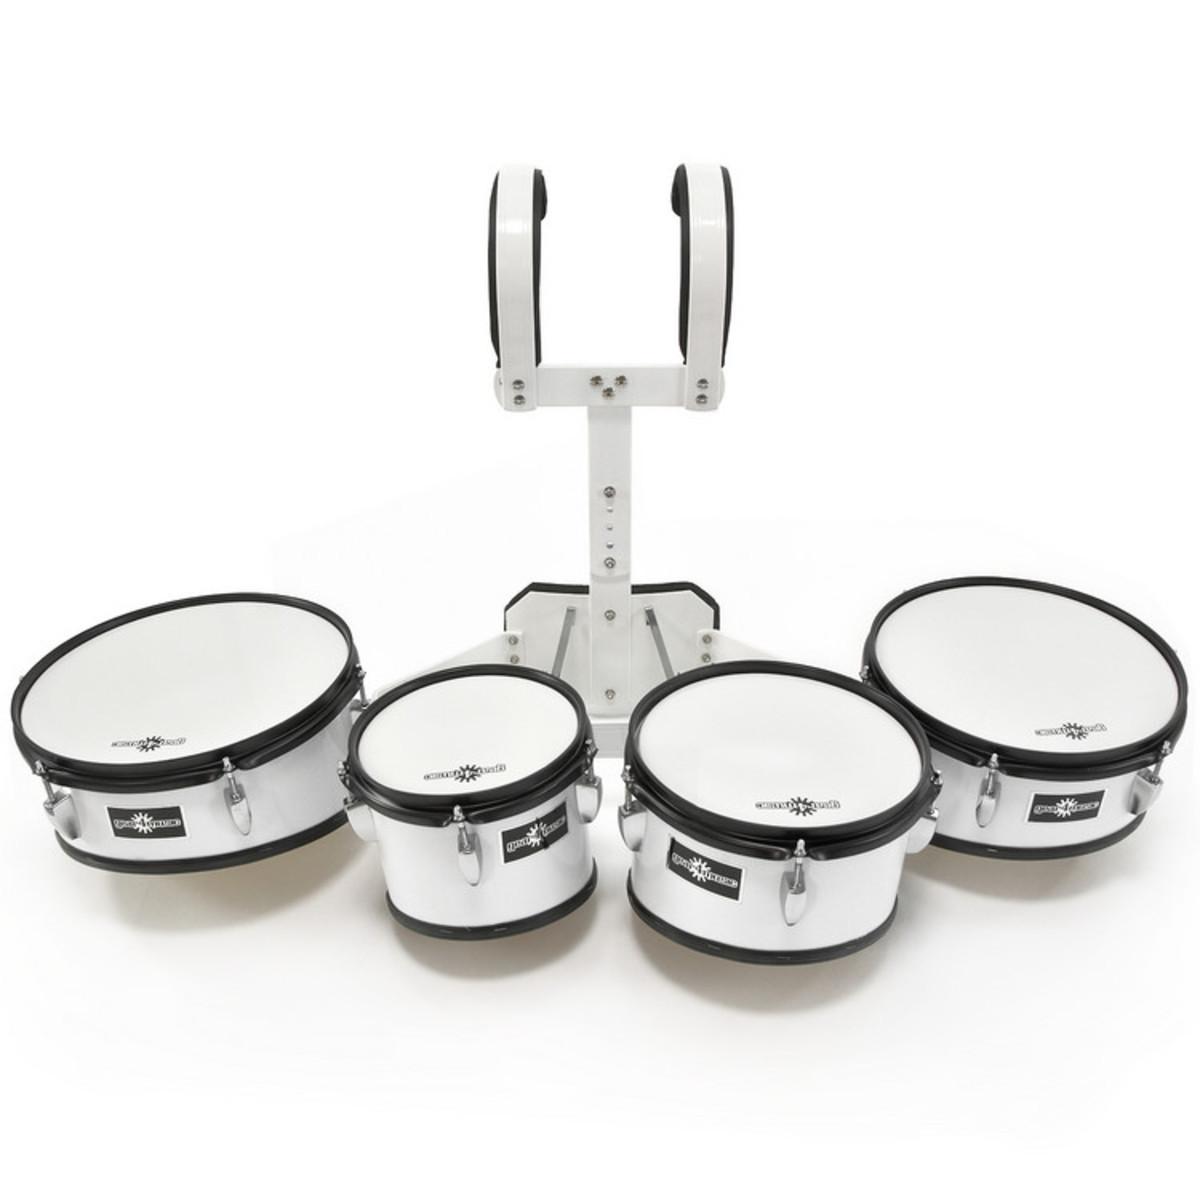 ensemble de toms de fanfare avec transporteur 8 10 12 13 par gear4music comme neuf. Black Bedroom Furniture Sets. Home Design Ideas